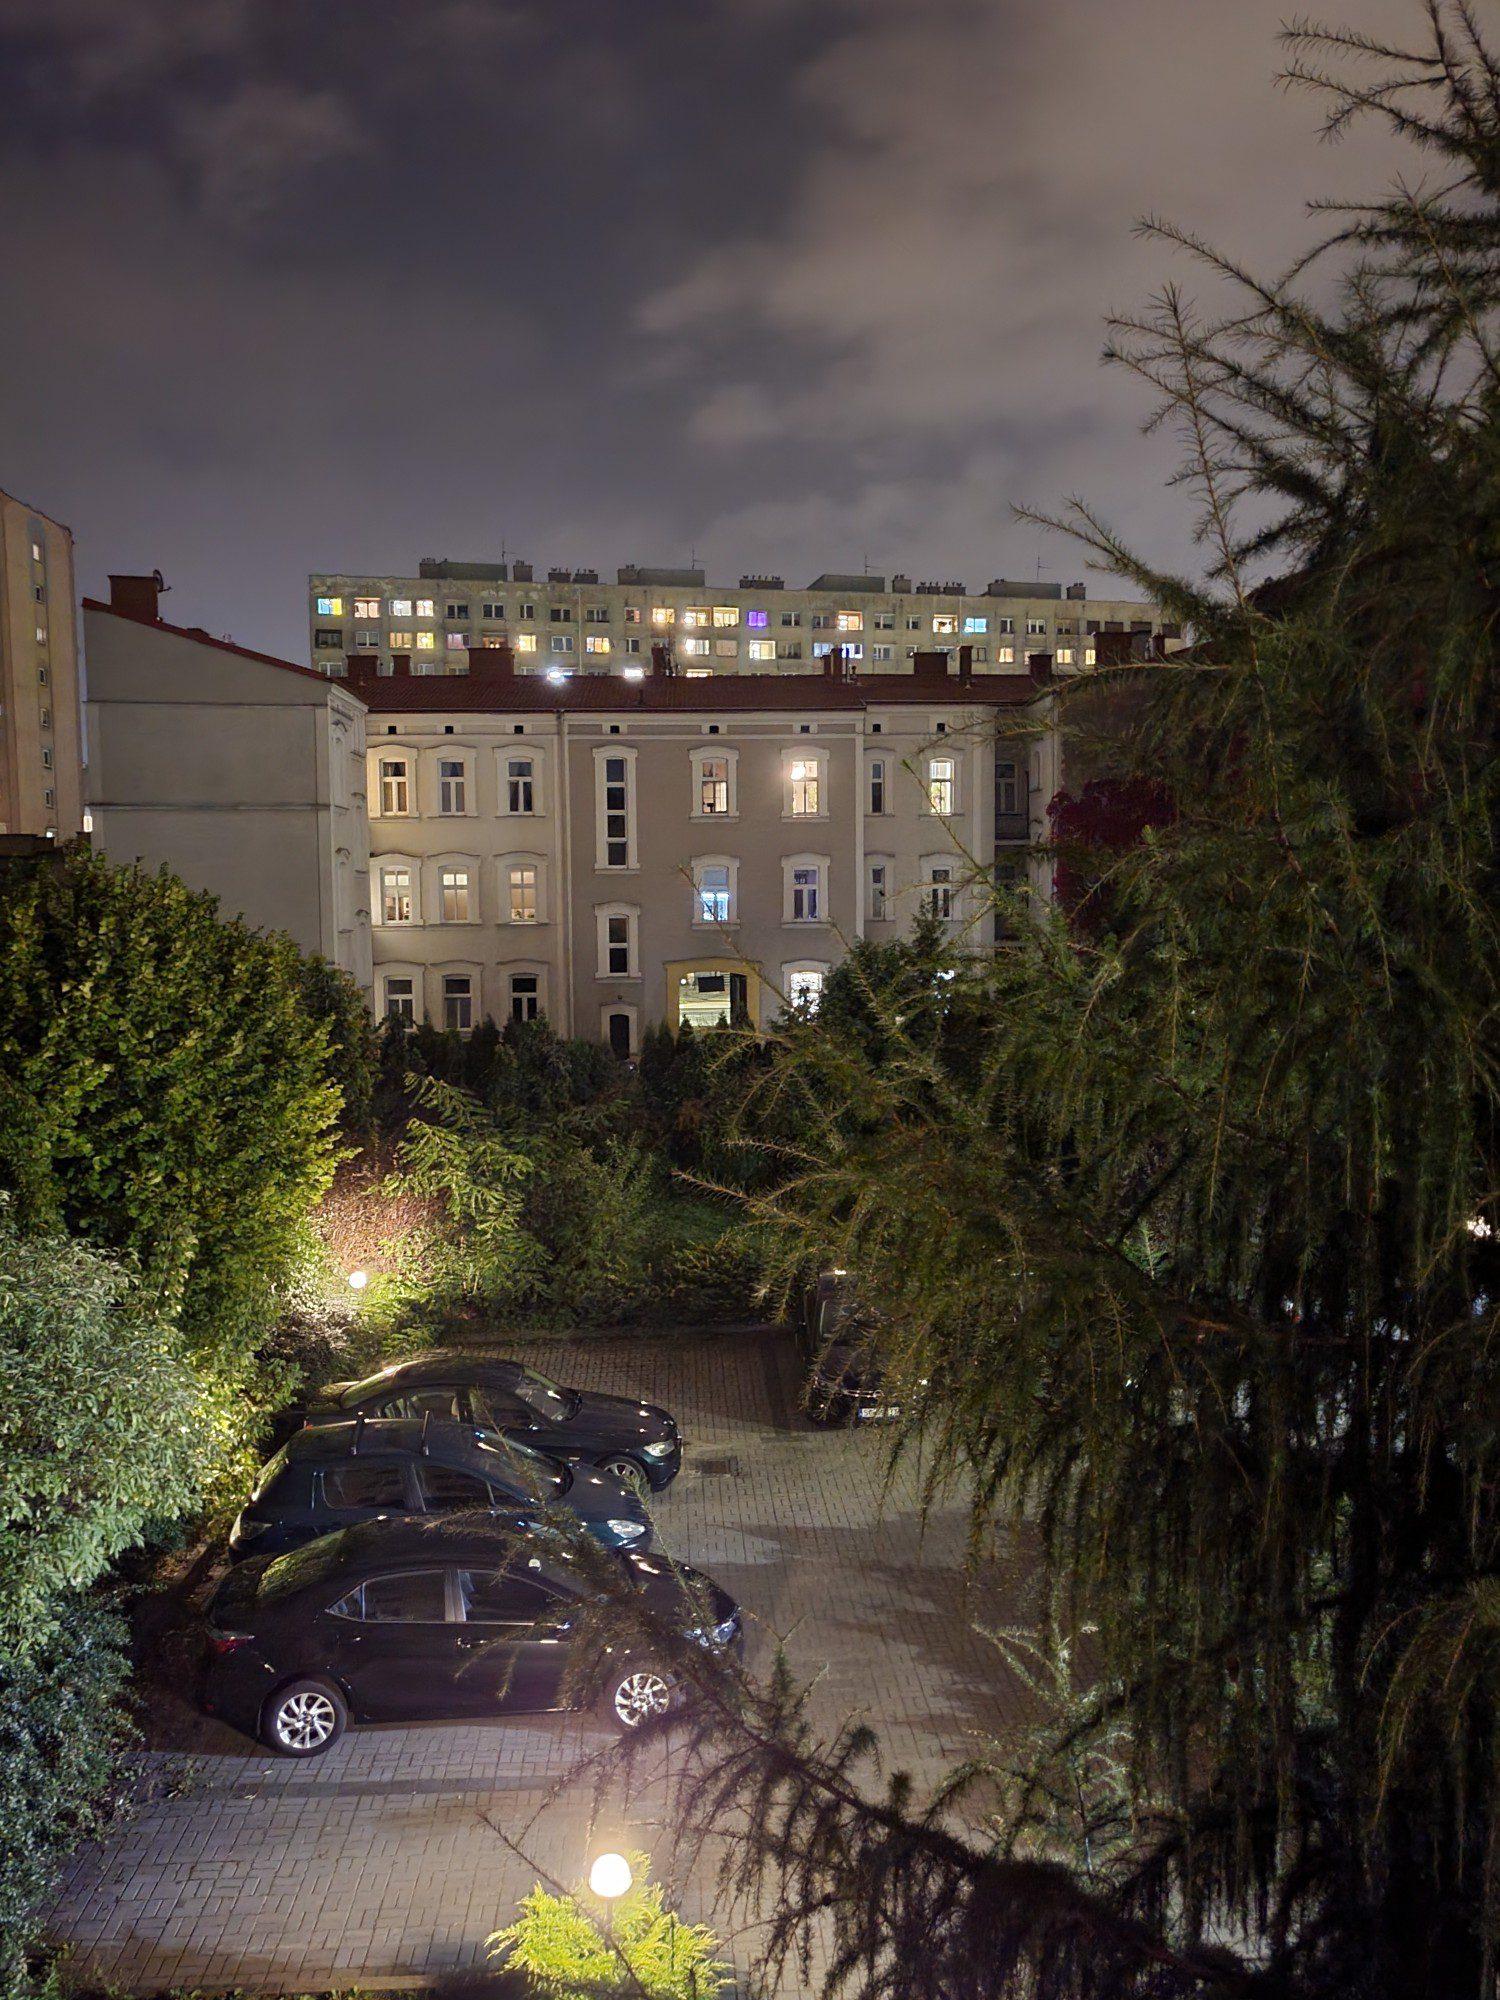 podwórko w trybie nocnym z flip3